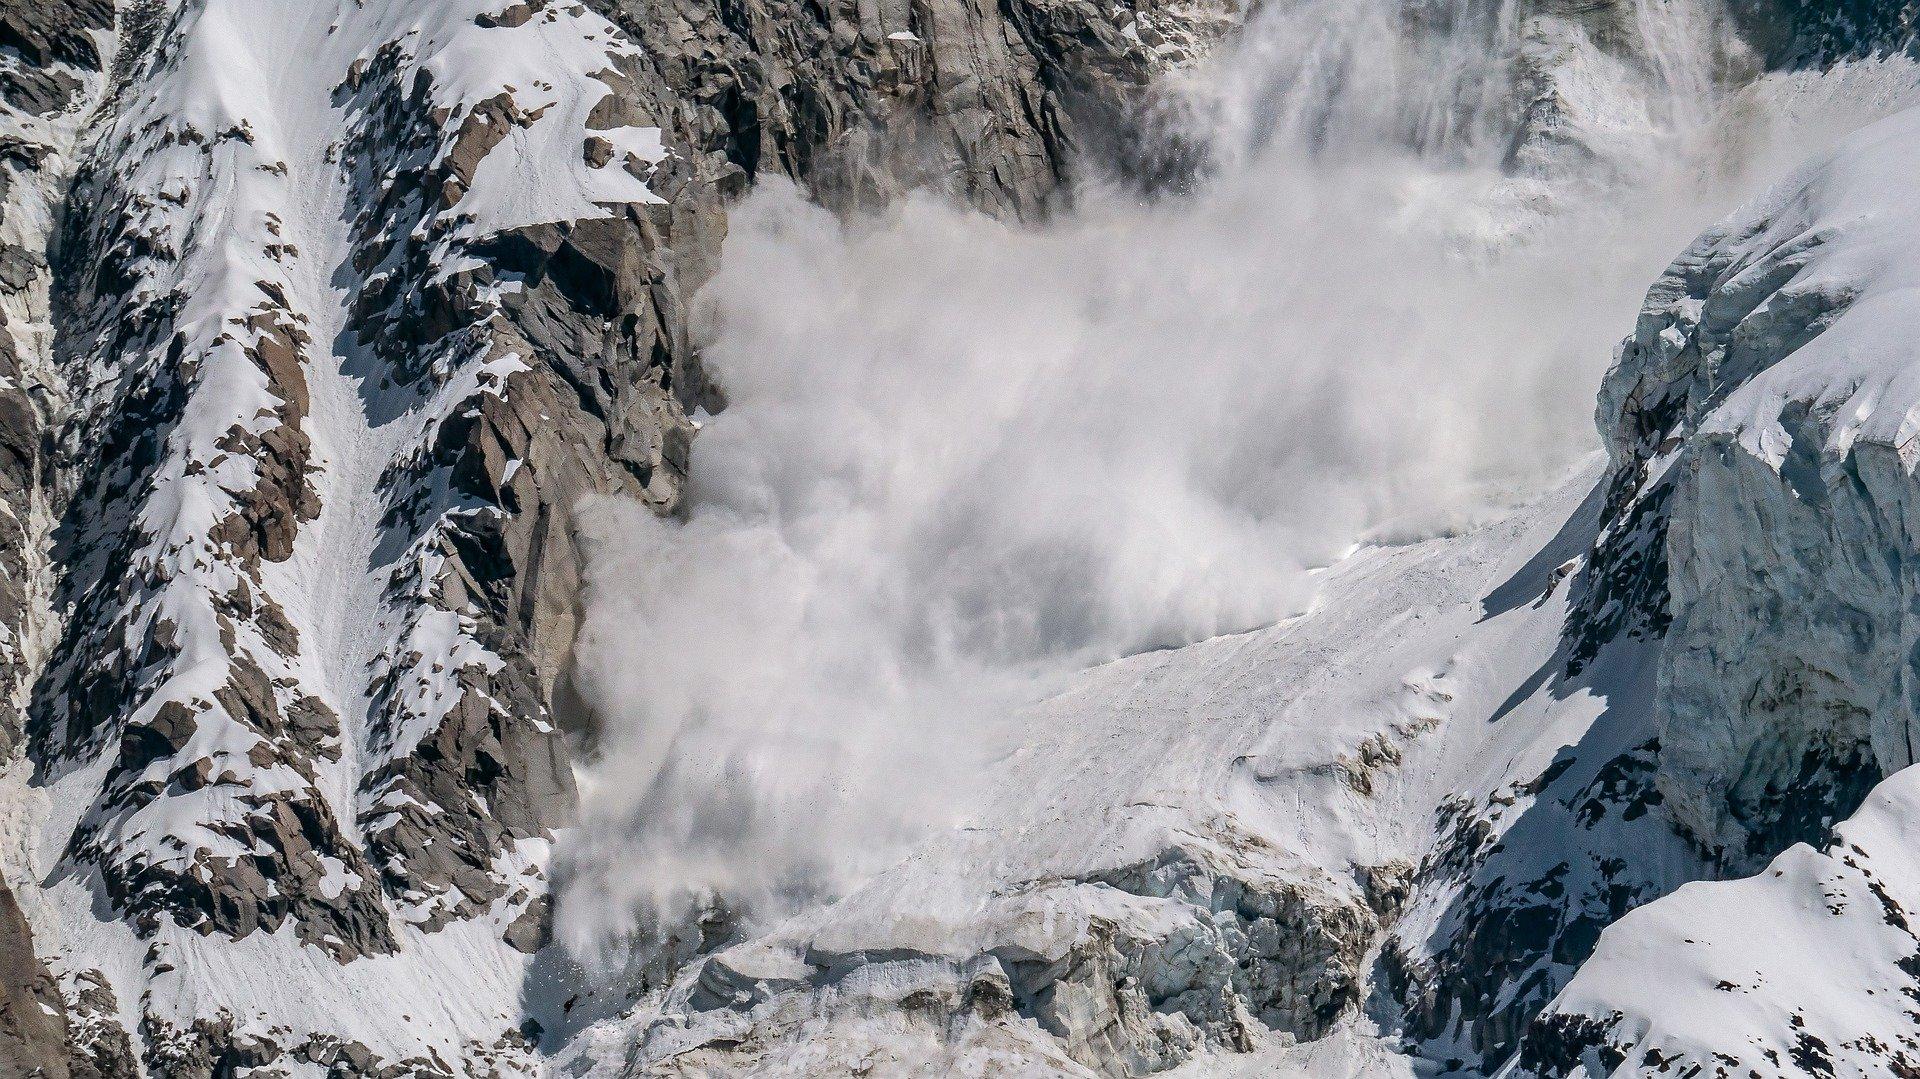 Z KRAJU: W Tatrach zeszła lawina. Trwa akcja ratunkowa! - Zdjęcie główne